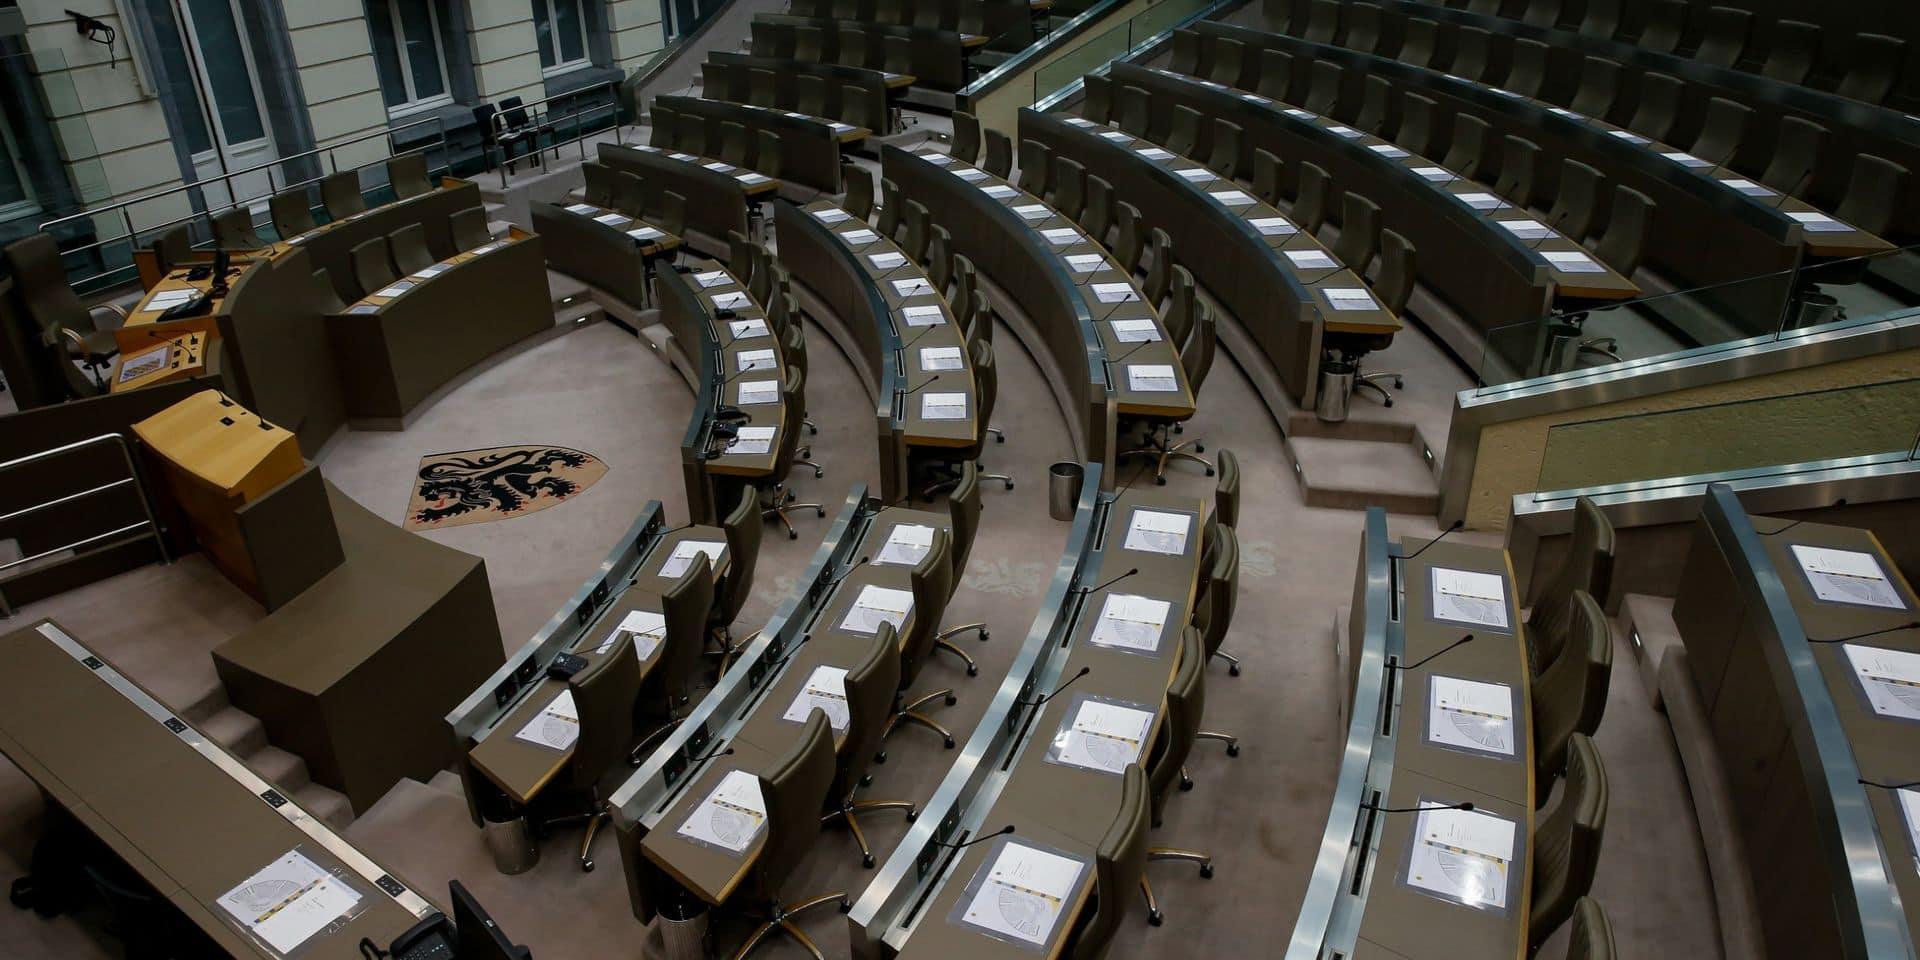 La répartition des places dans le Parlement flamand tourne à la foire d'empoigne